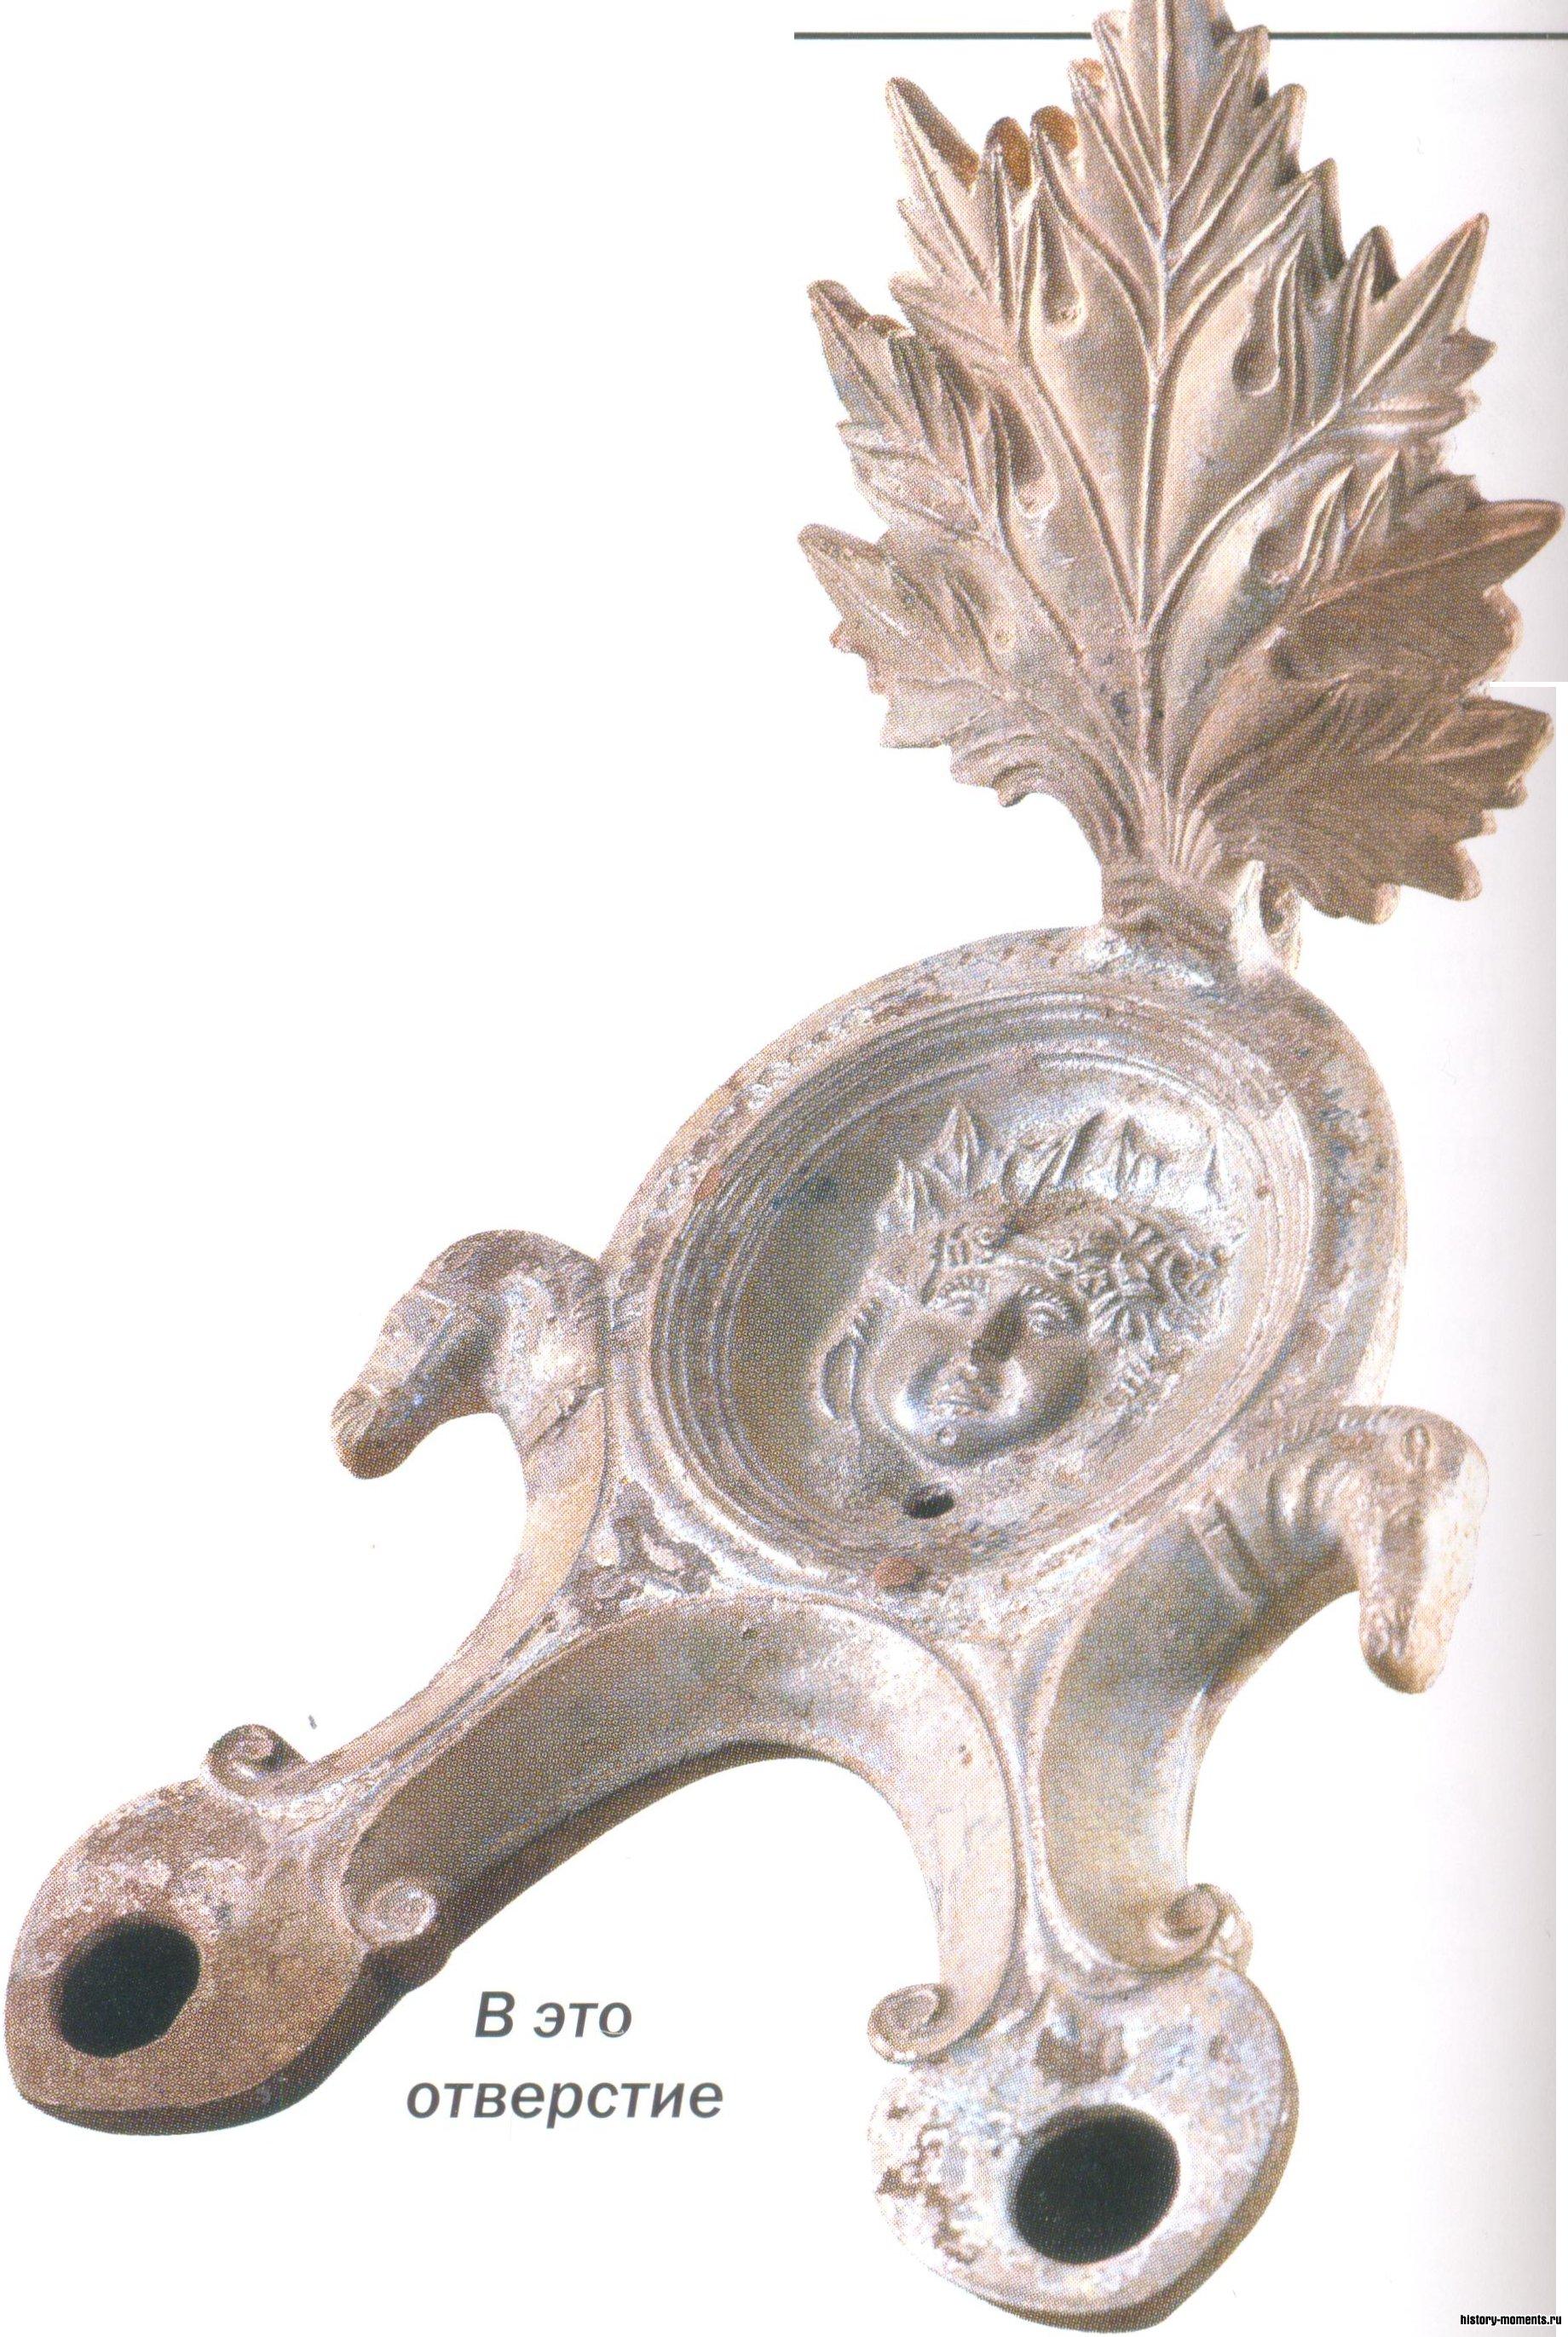 Виллы богачей освещали масляные лампы, украшенные изящными рельефами.